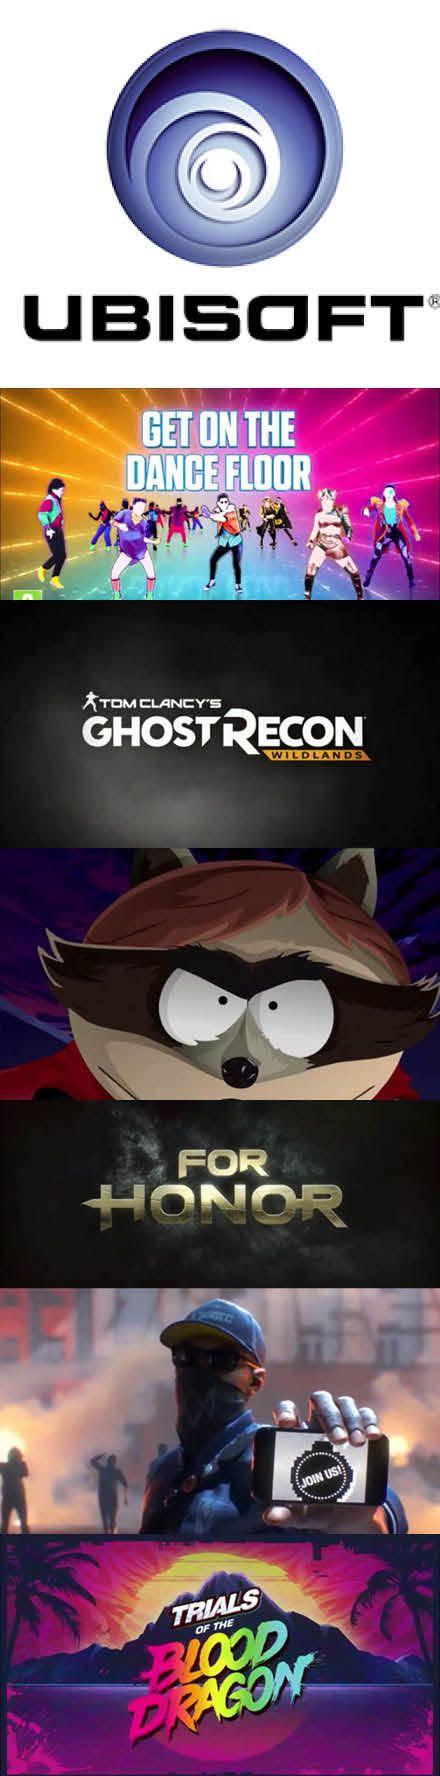 #E3 #Ubisoft Recap #SouthPark #WatchDogs #ForHornor #GhostRecon http://www.levelgamingground.com/ubisoft-e3-2016.html